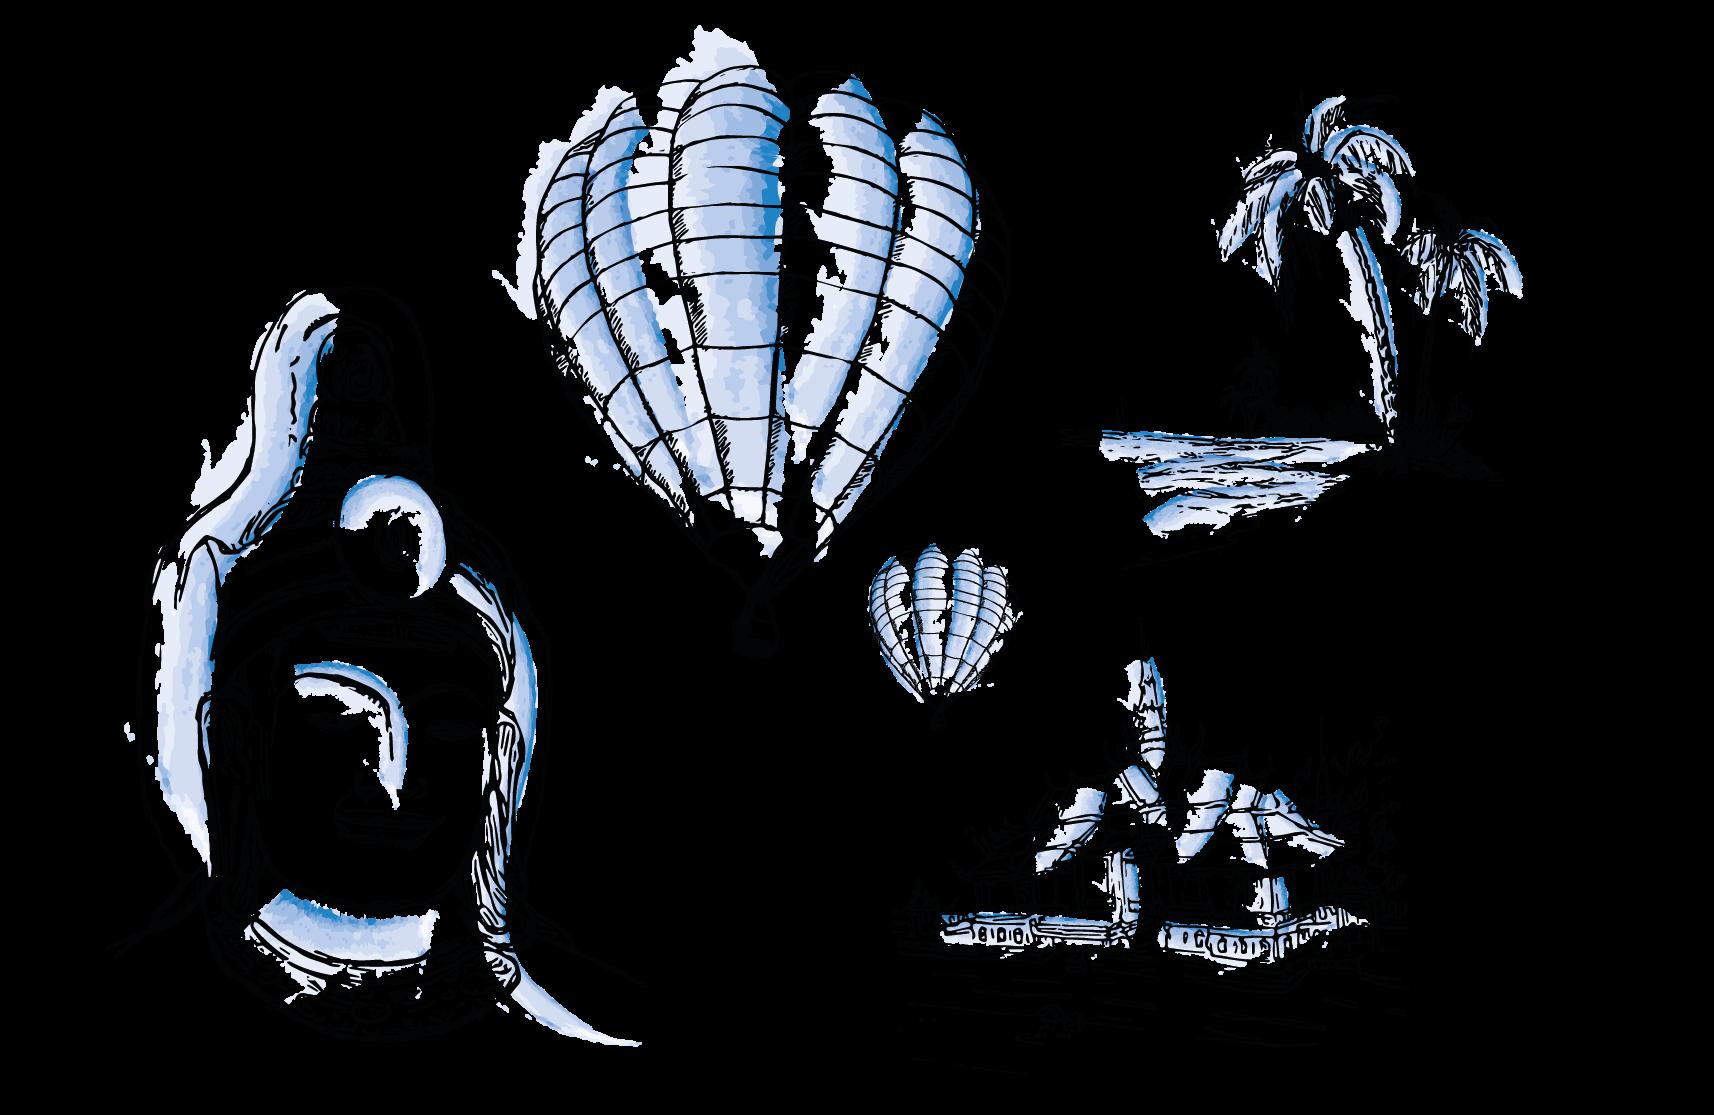 Lunas de miel | Viajes Planeta Azul